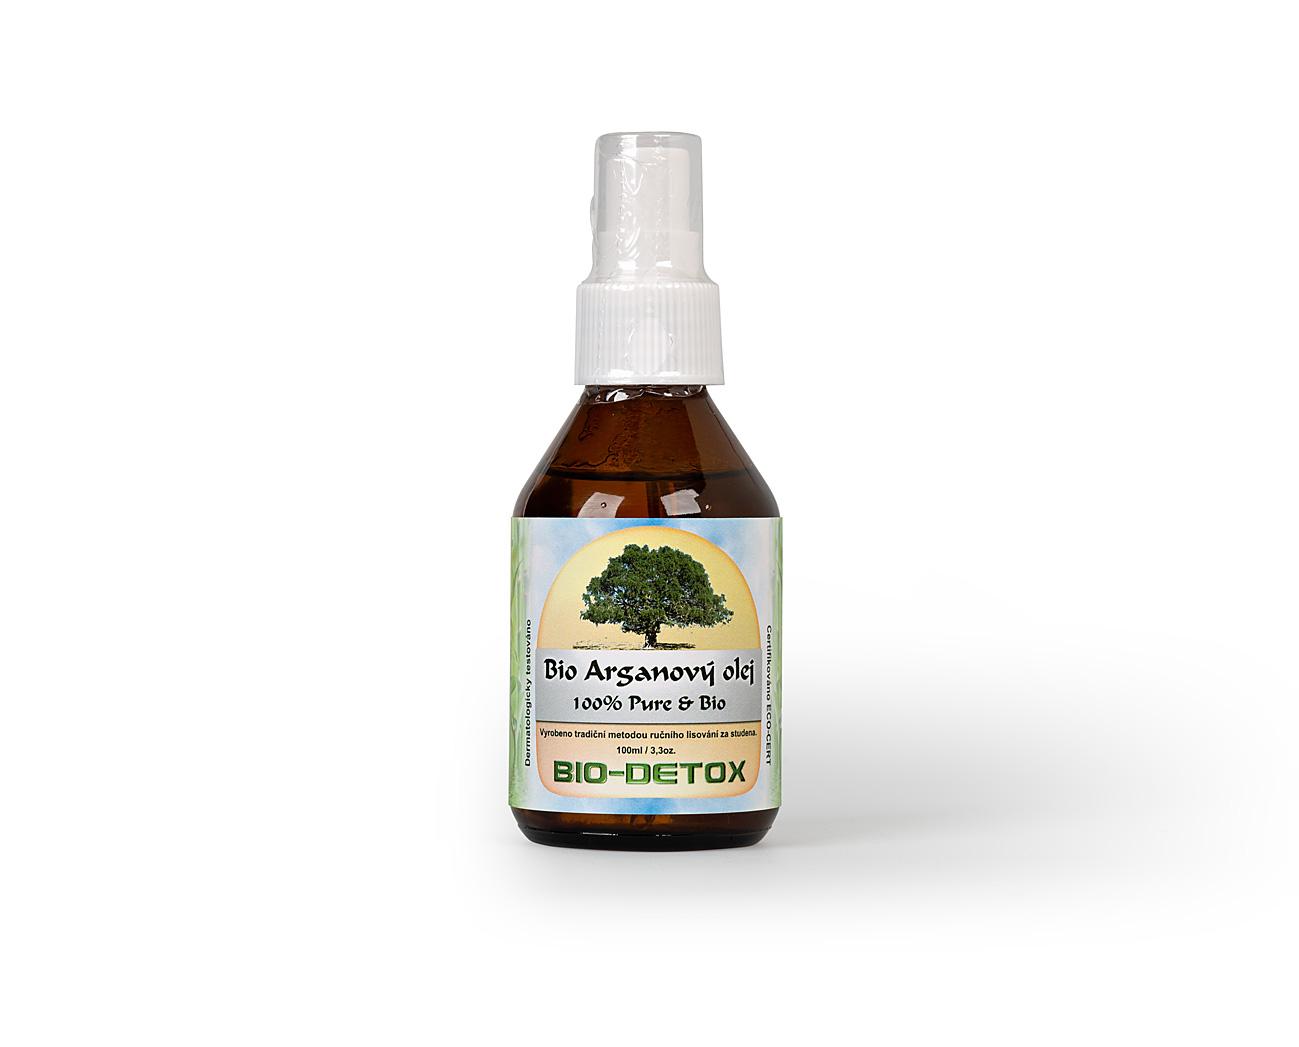 Bio-Detox Bio Arganový olej 6 x 100ml 5+1 ZDARMA